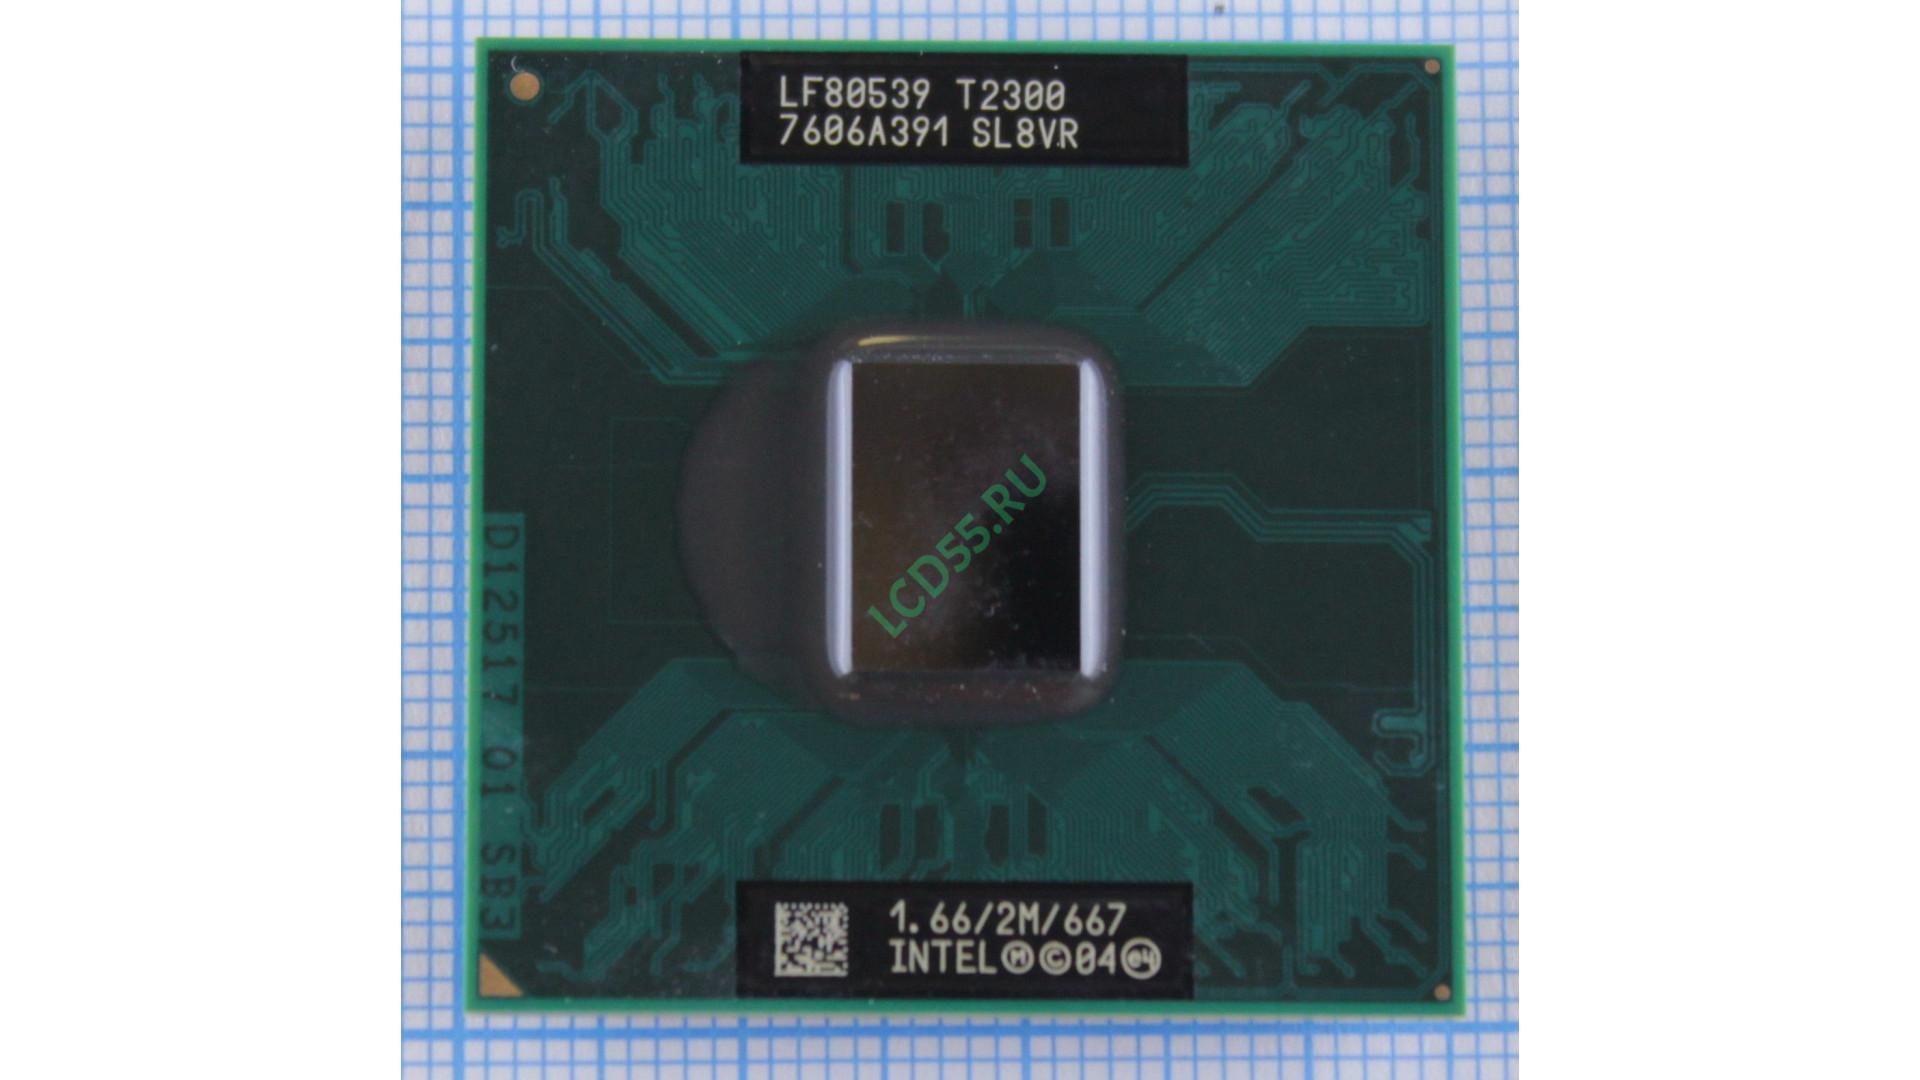 Intel T2300 SL8VR